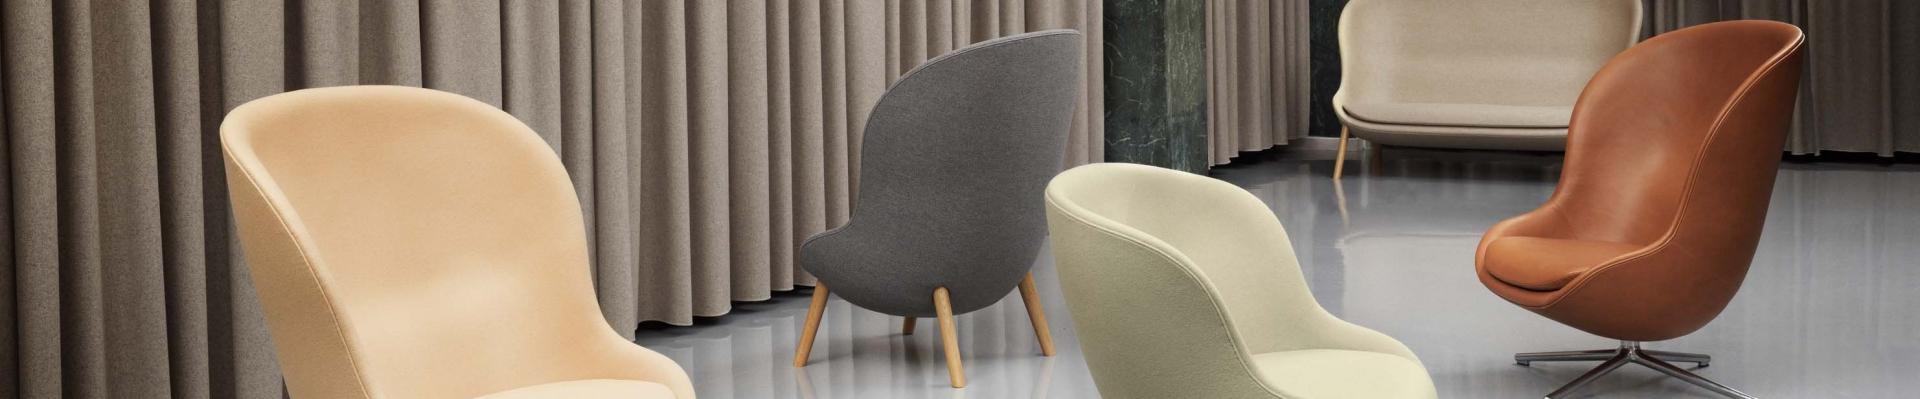 Normann Copenhagen fauteuils